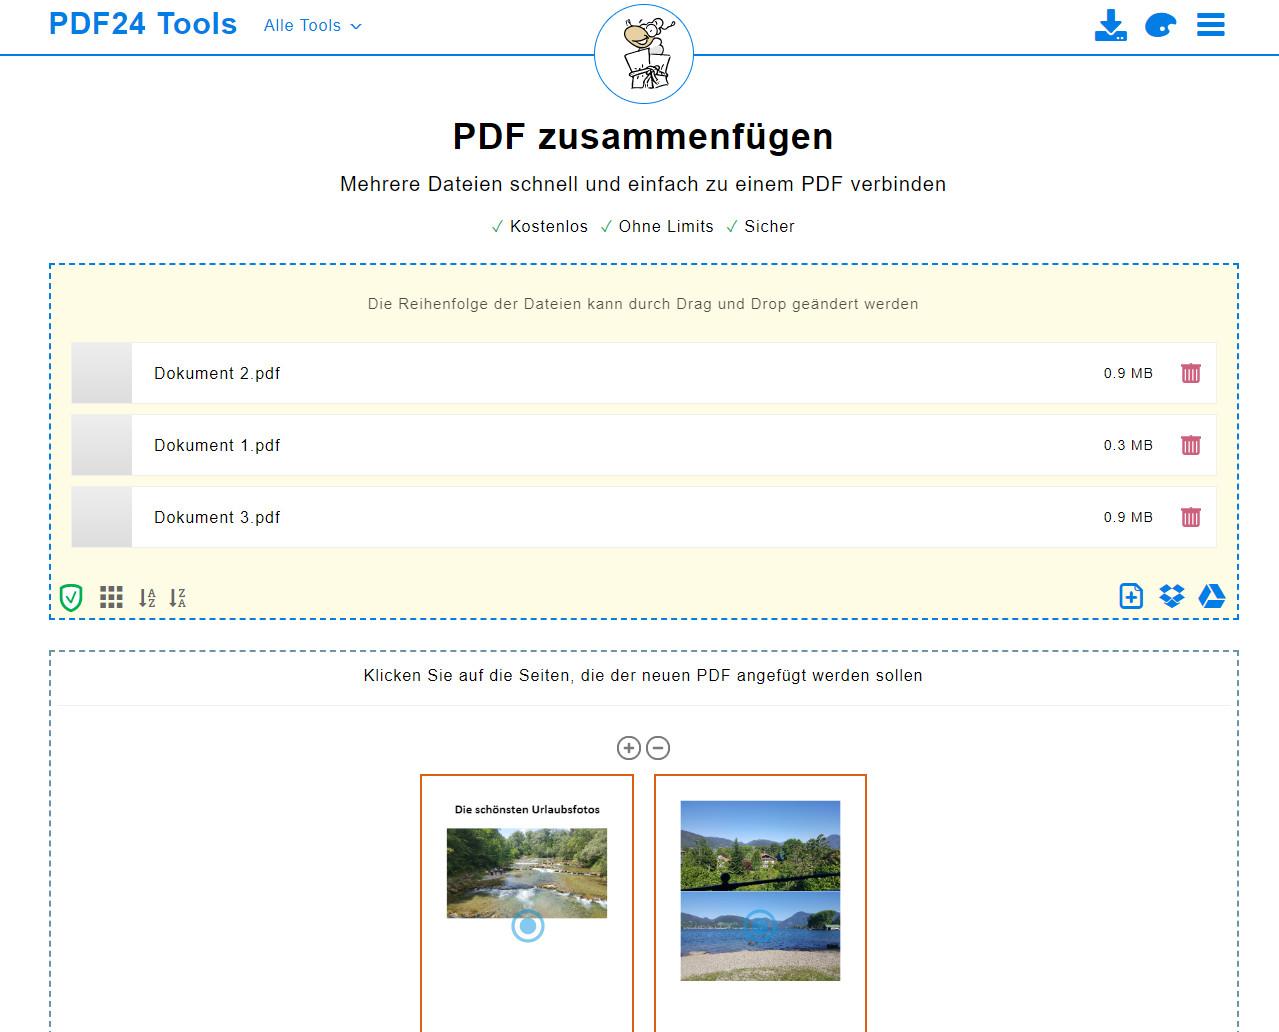 Screenshot 1 - Mehrere PDFs zu einem PDF zusammenführen